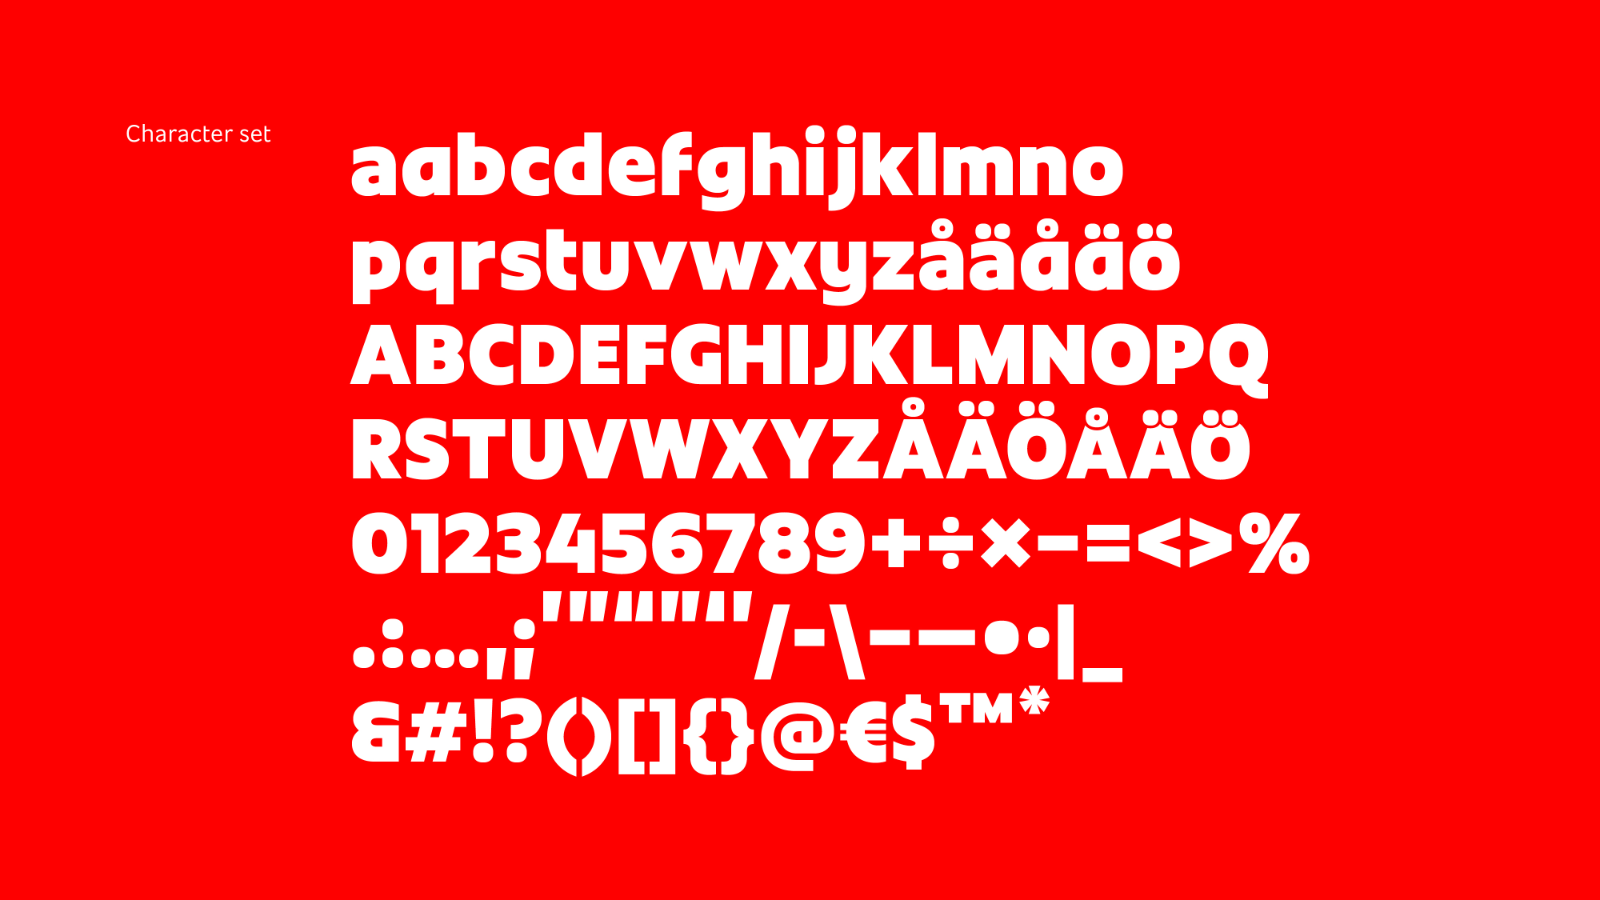 Alla tecken i typsnittet Blocket Display. Djävulen sitter i detaljerna. Bild: NM type.